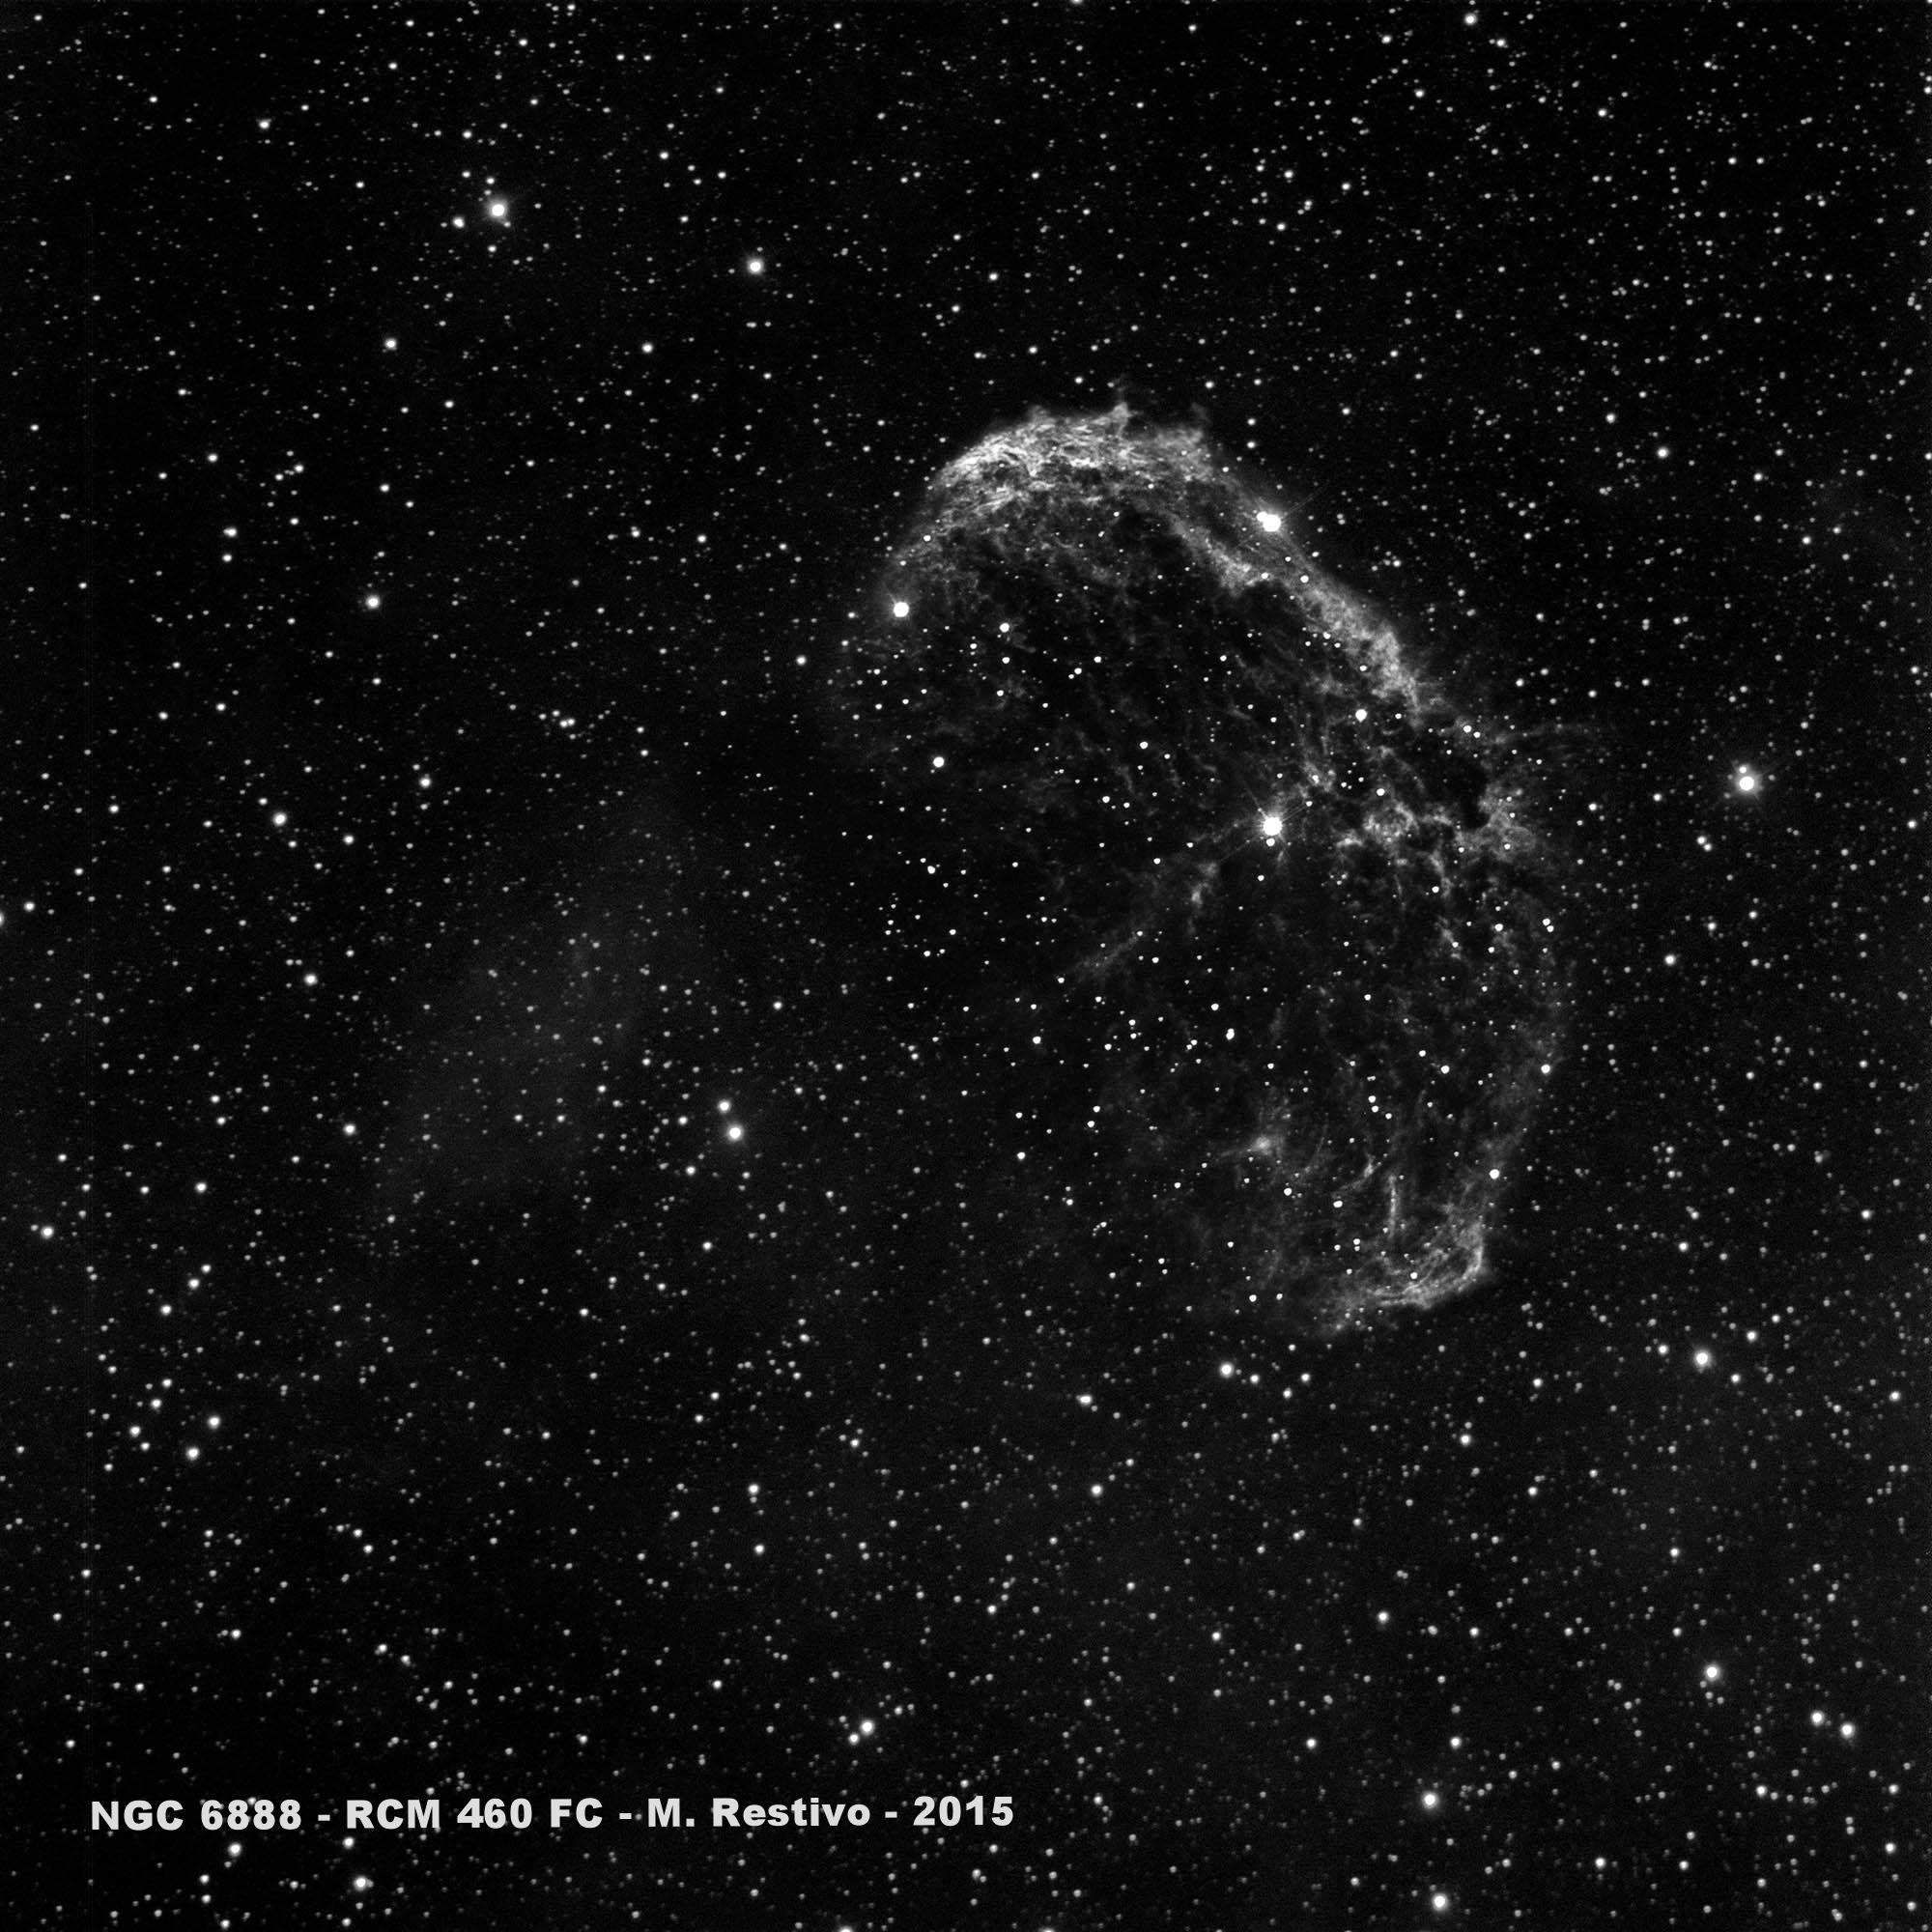 NGC6888_4x600Ha_Reduced.jpg